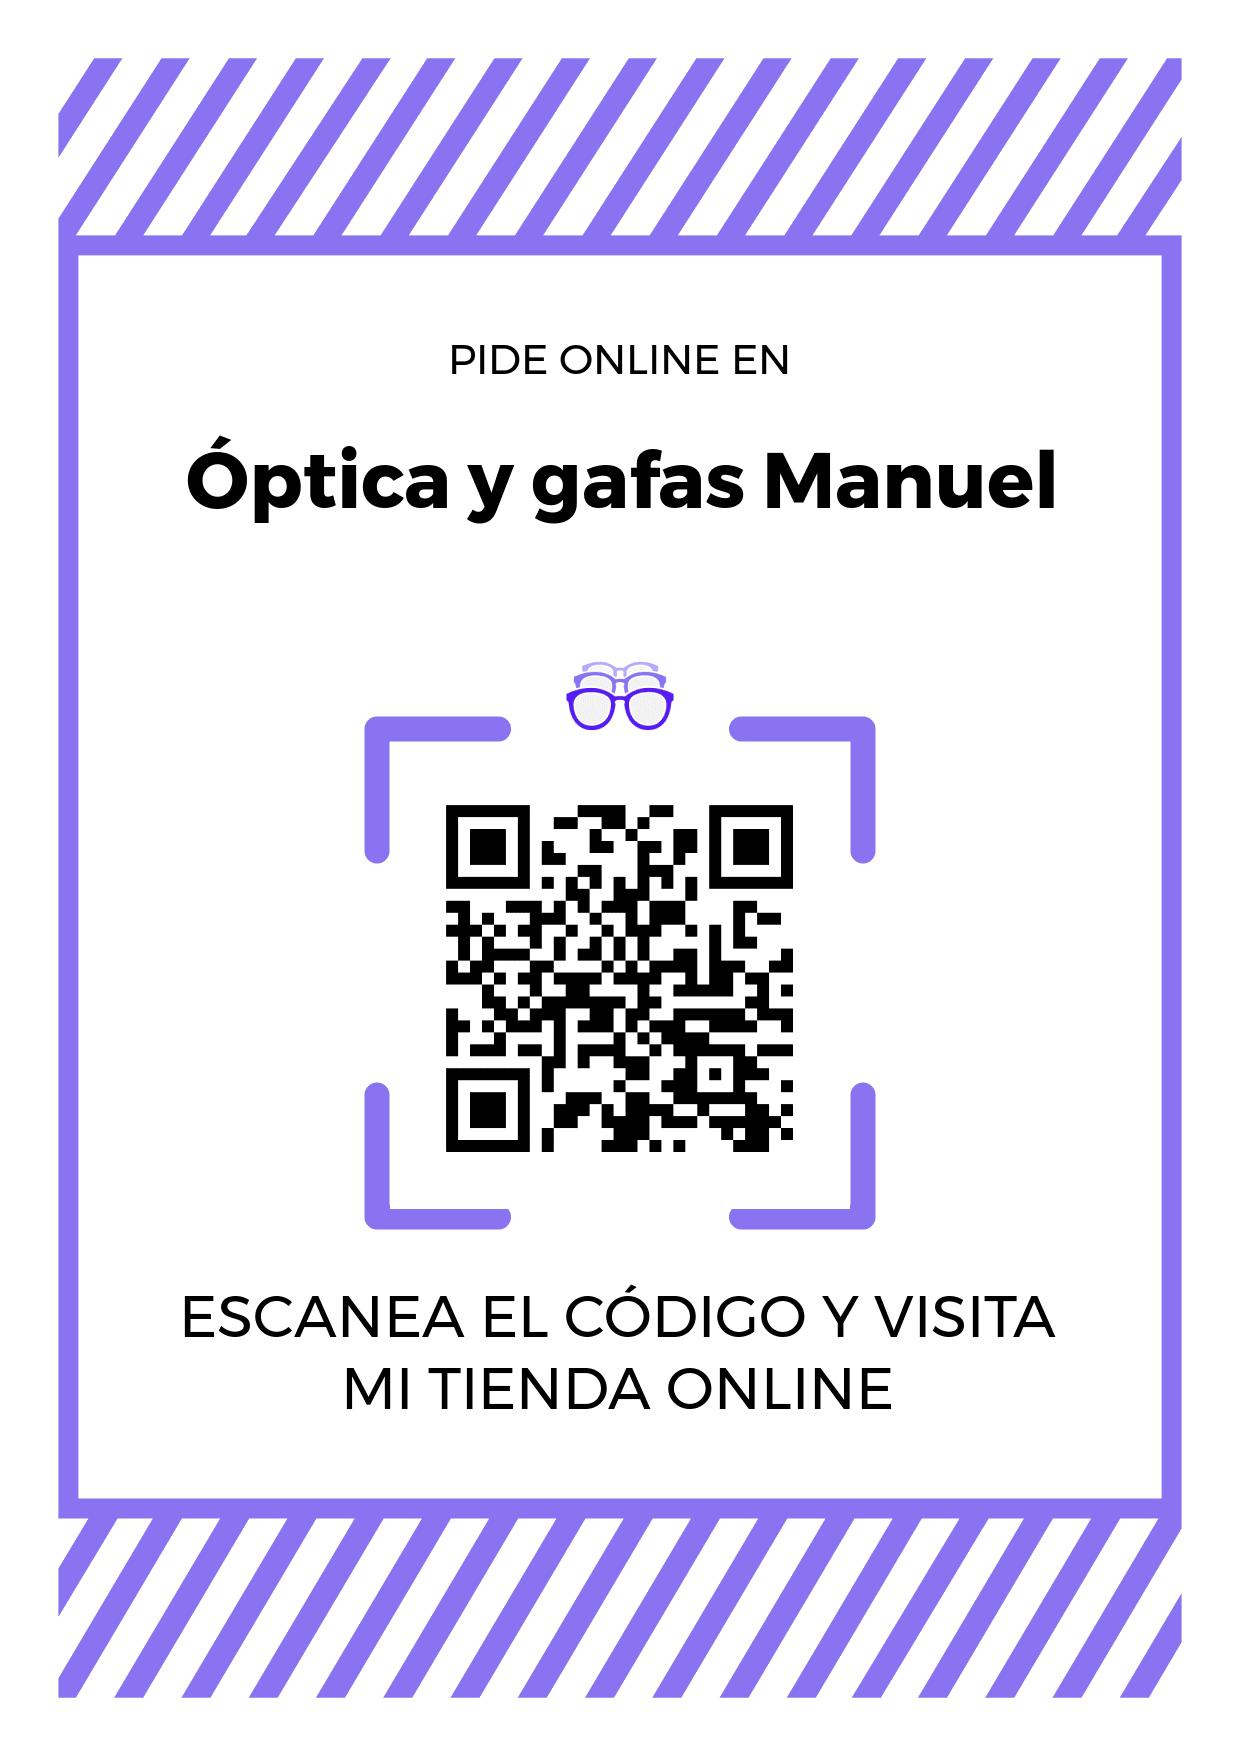 Cartel Póster de Código QR para tienda de Óptica y gafas